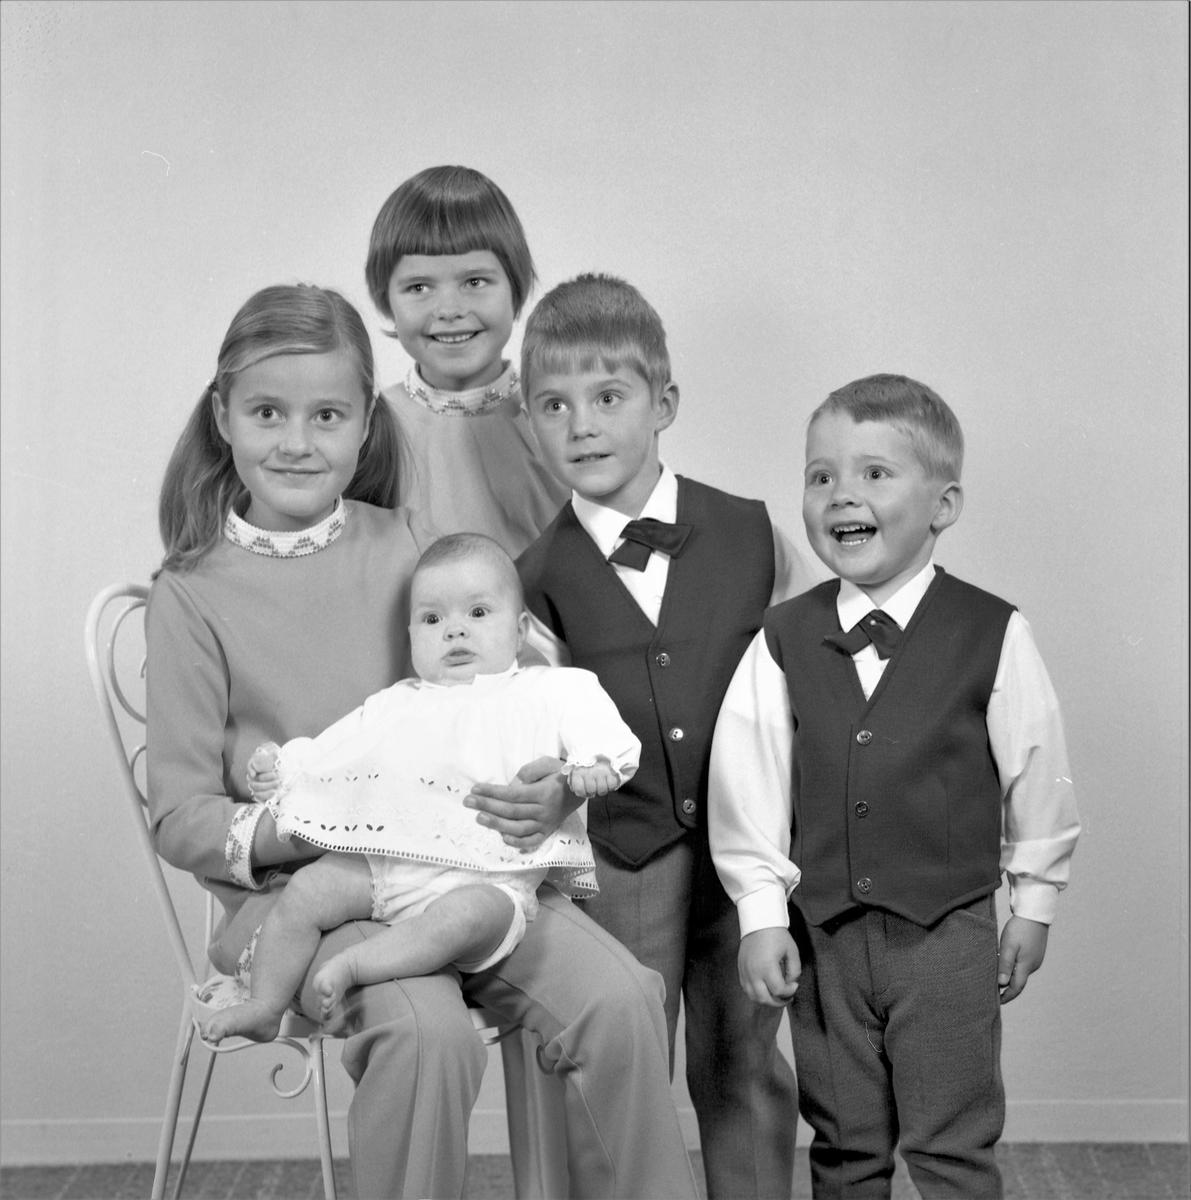 Portrett. Familiegruppe på fem. To piker, to gutter og et lite barn. Bestilt av Leif Milje. Spannaveien